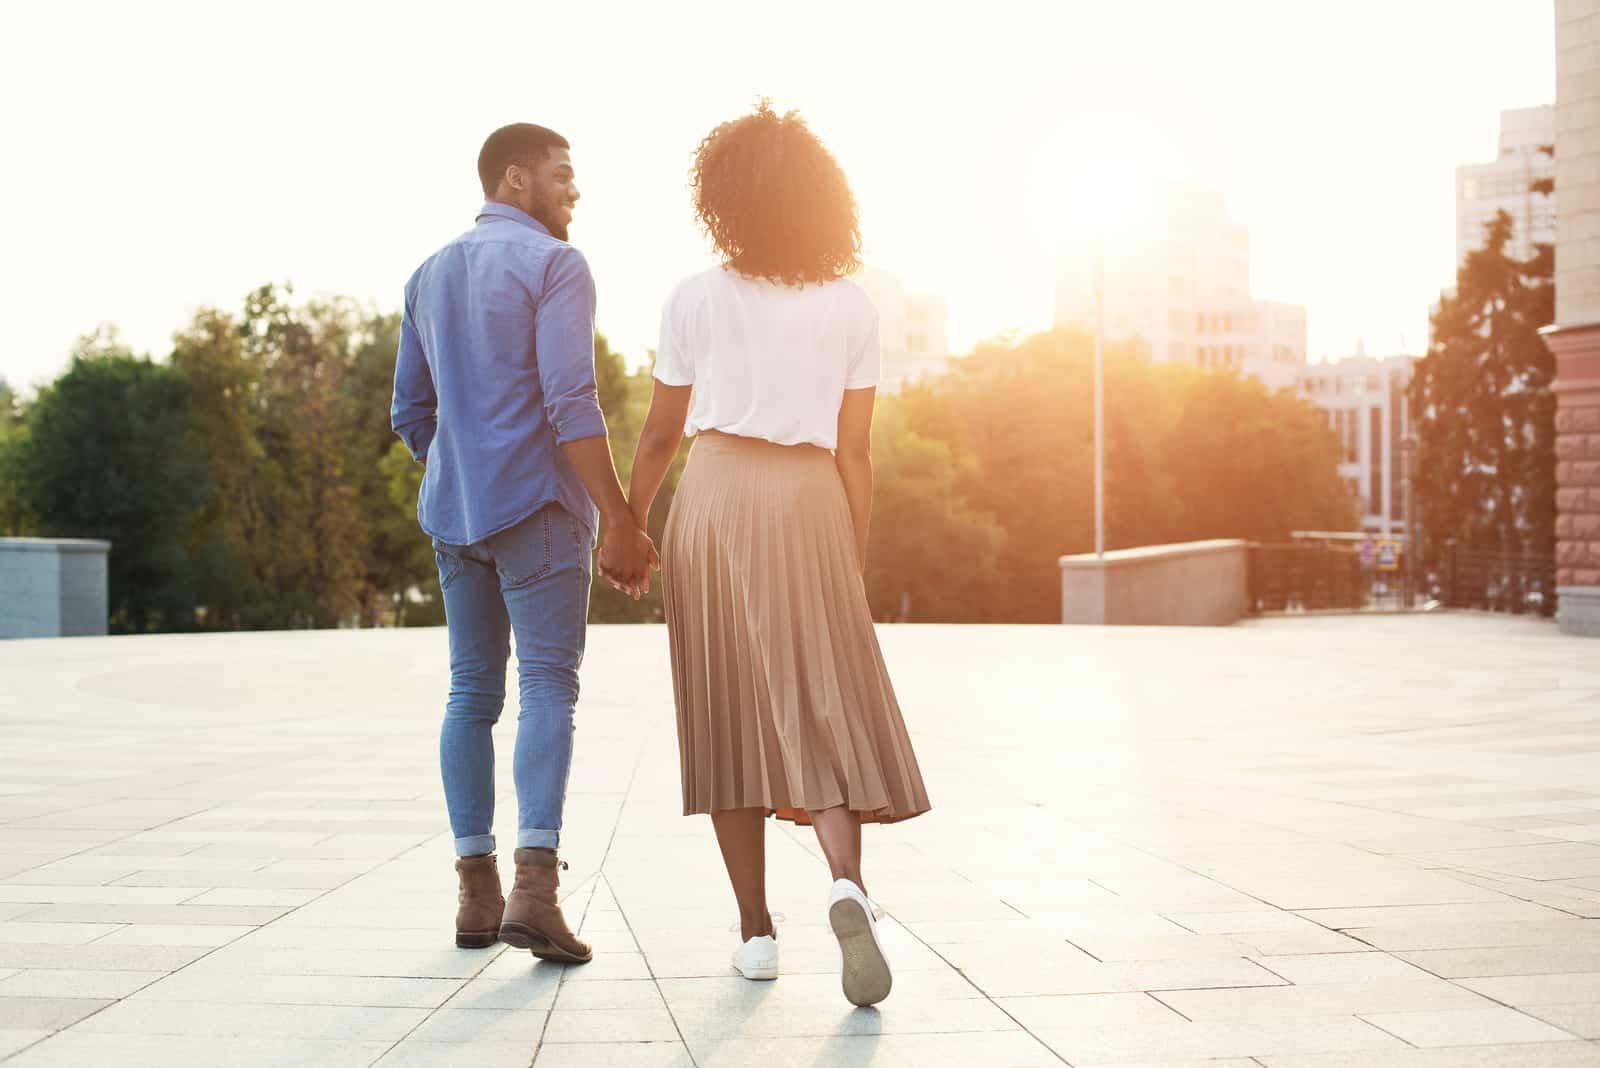 par promenader håller hand